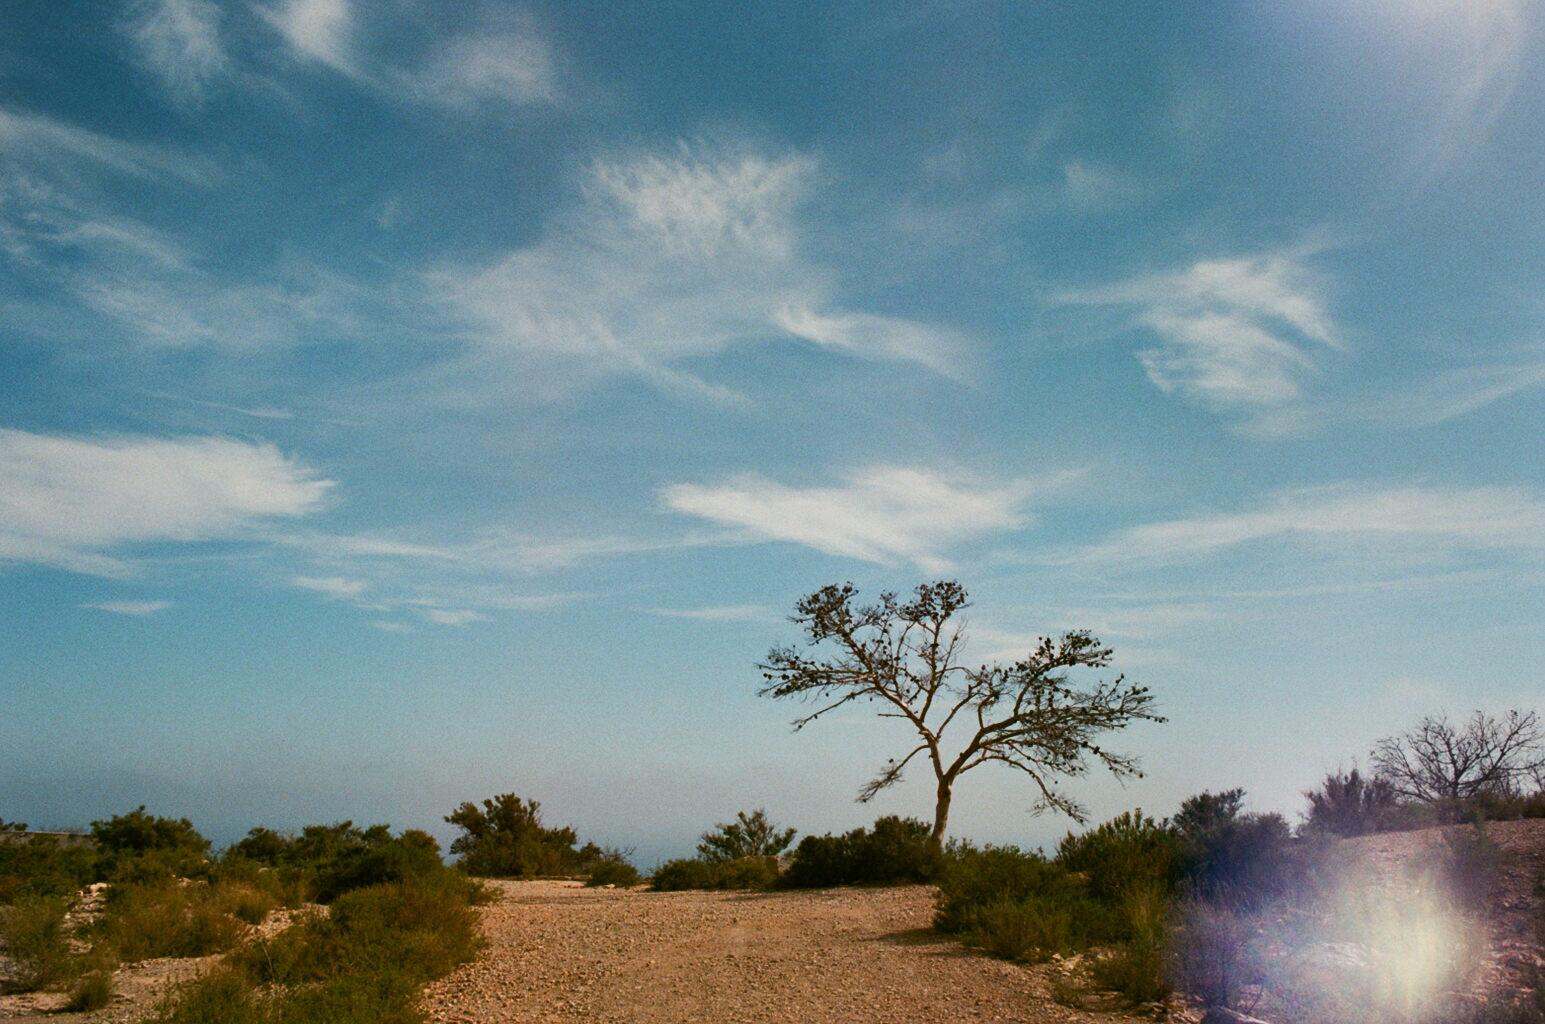 Los Alcazares tree on the cliff